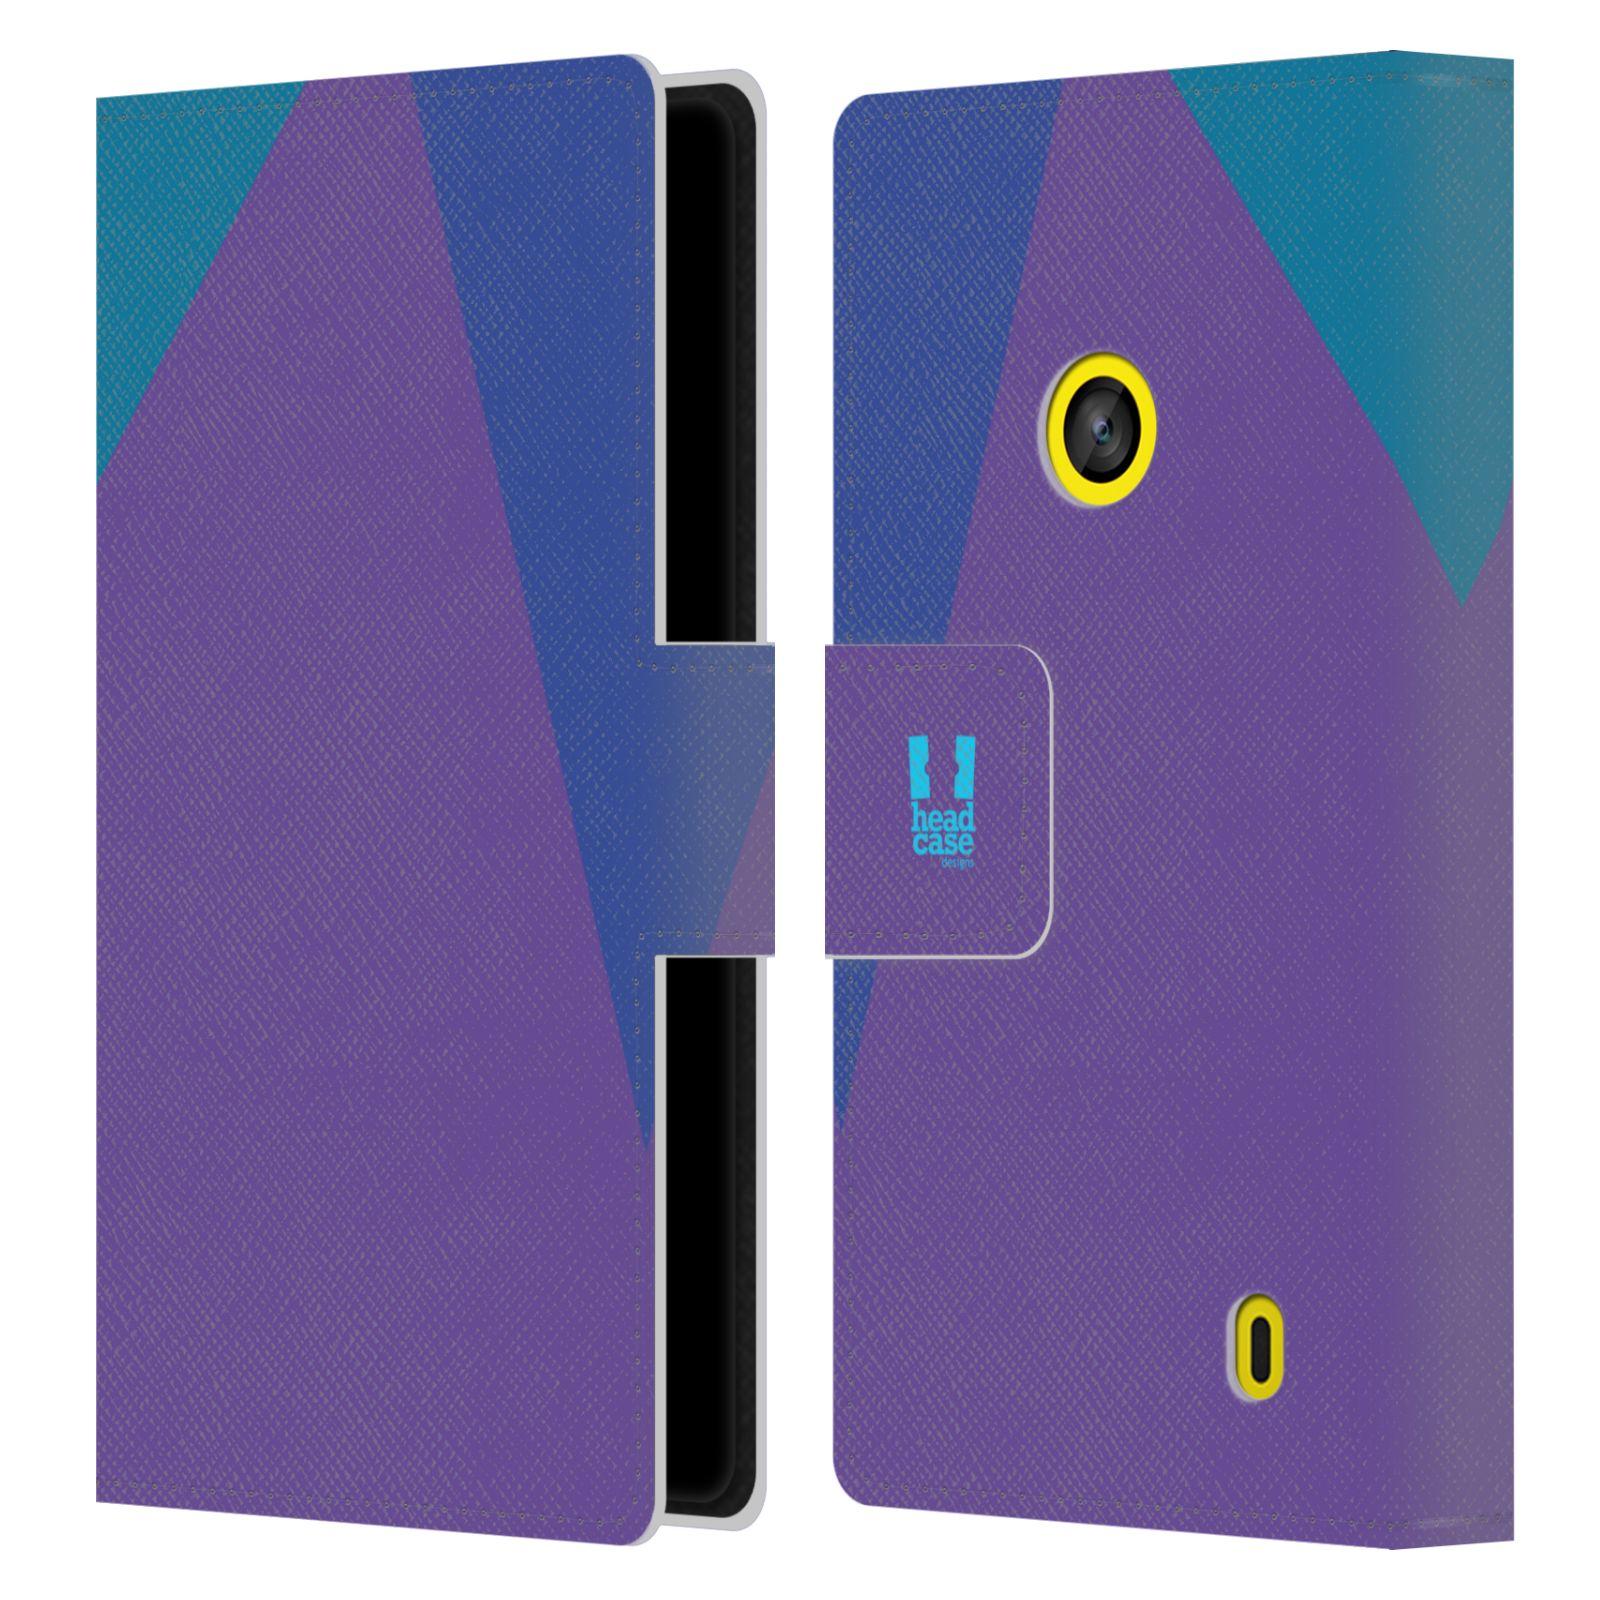 HEAD CASE Flipové pouzdro pro mobil Nokia LUMIA 520/525 barevné tvary fialová feminine